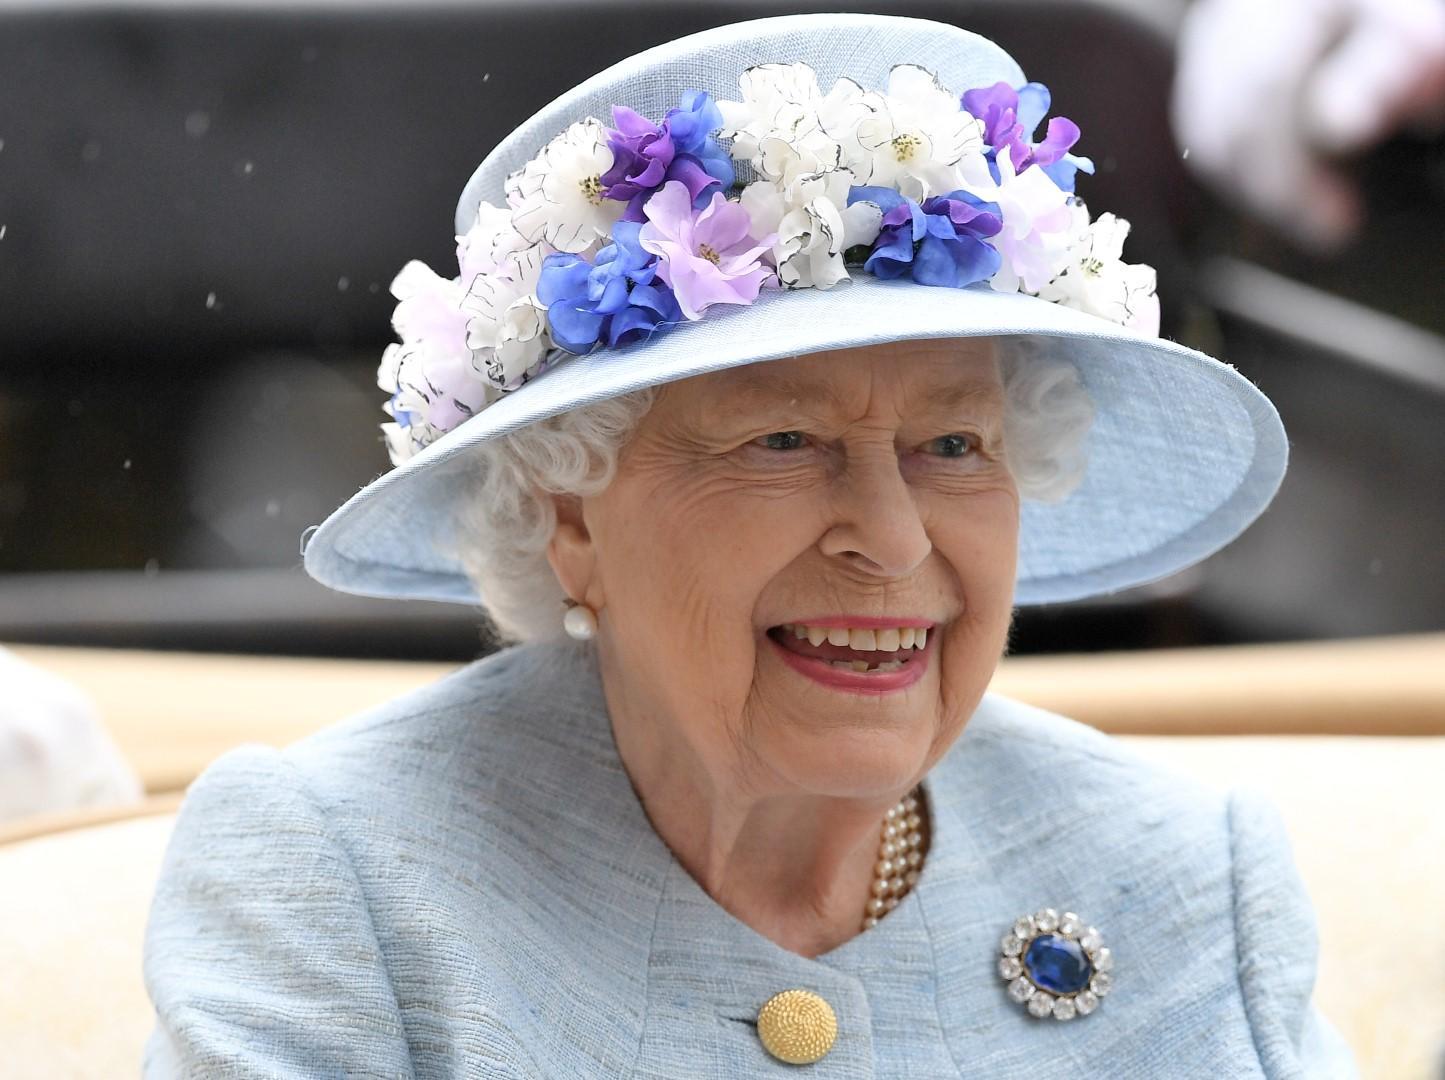 Uno stile inconfondibile: perché la regina Elisabetta piace tanto